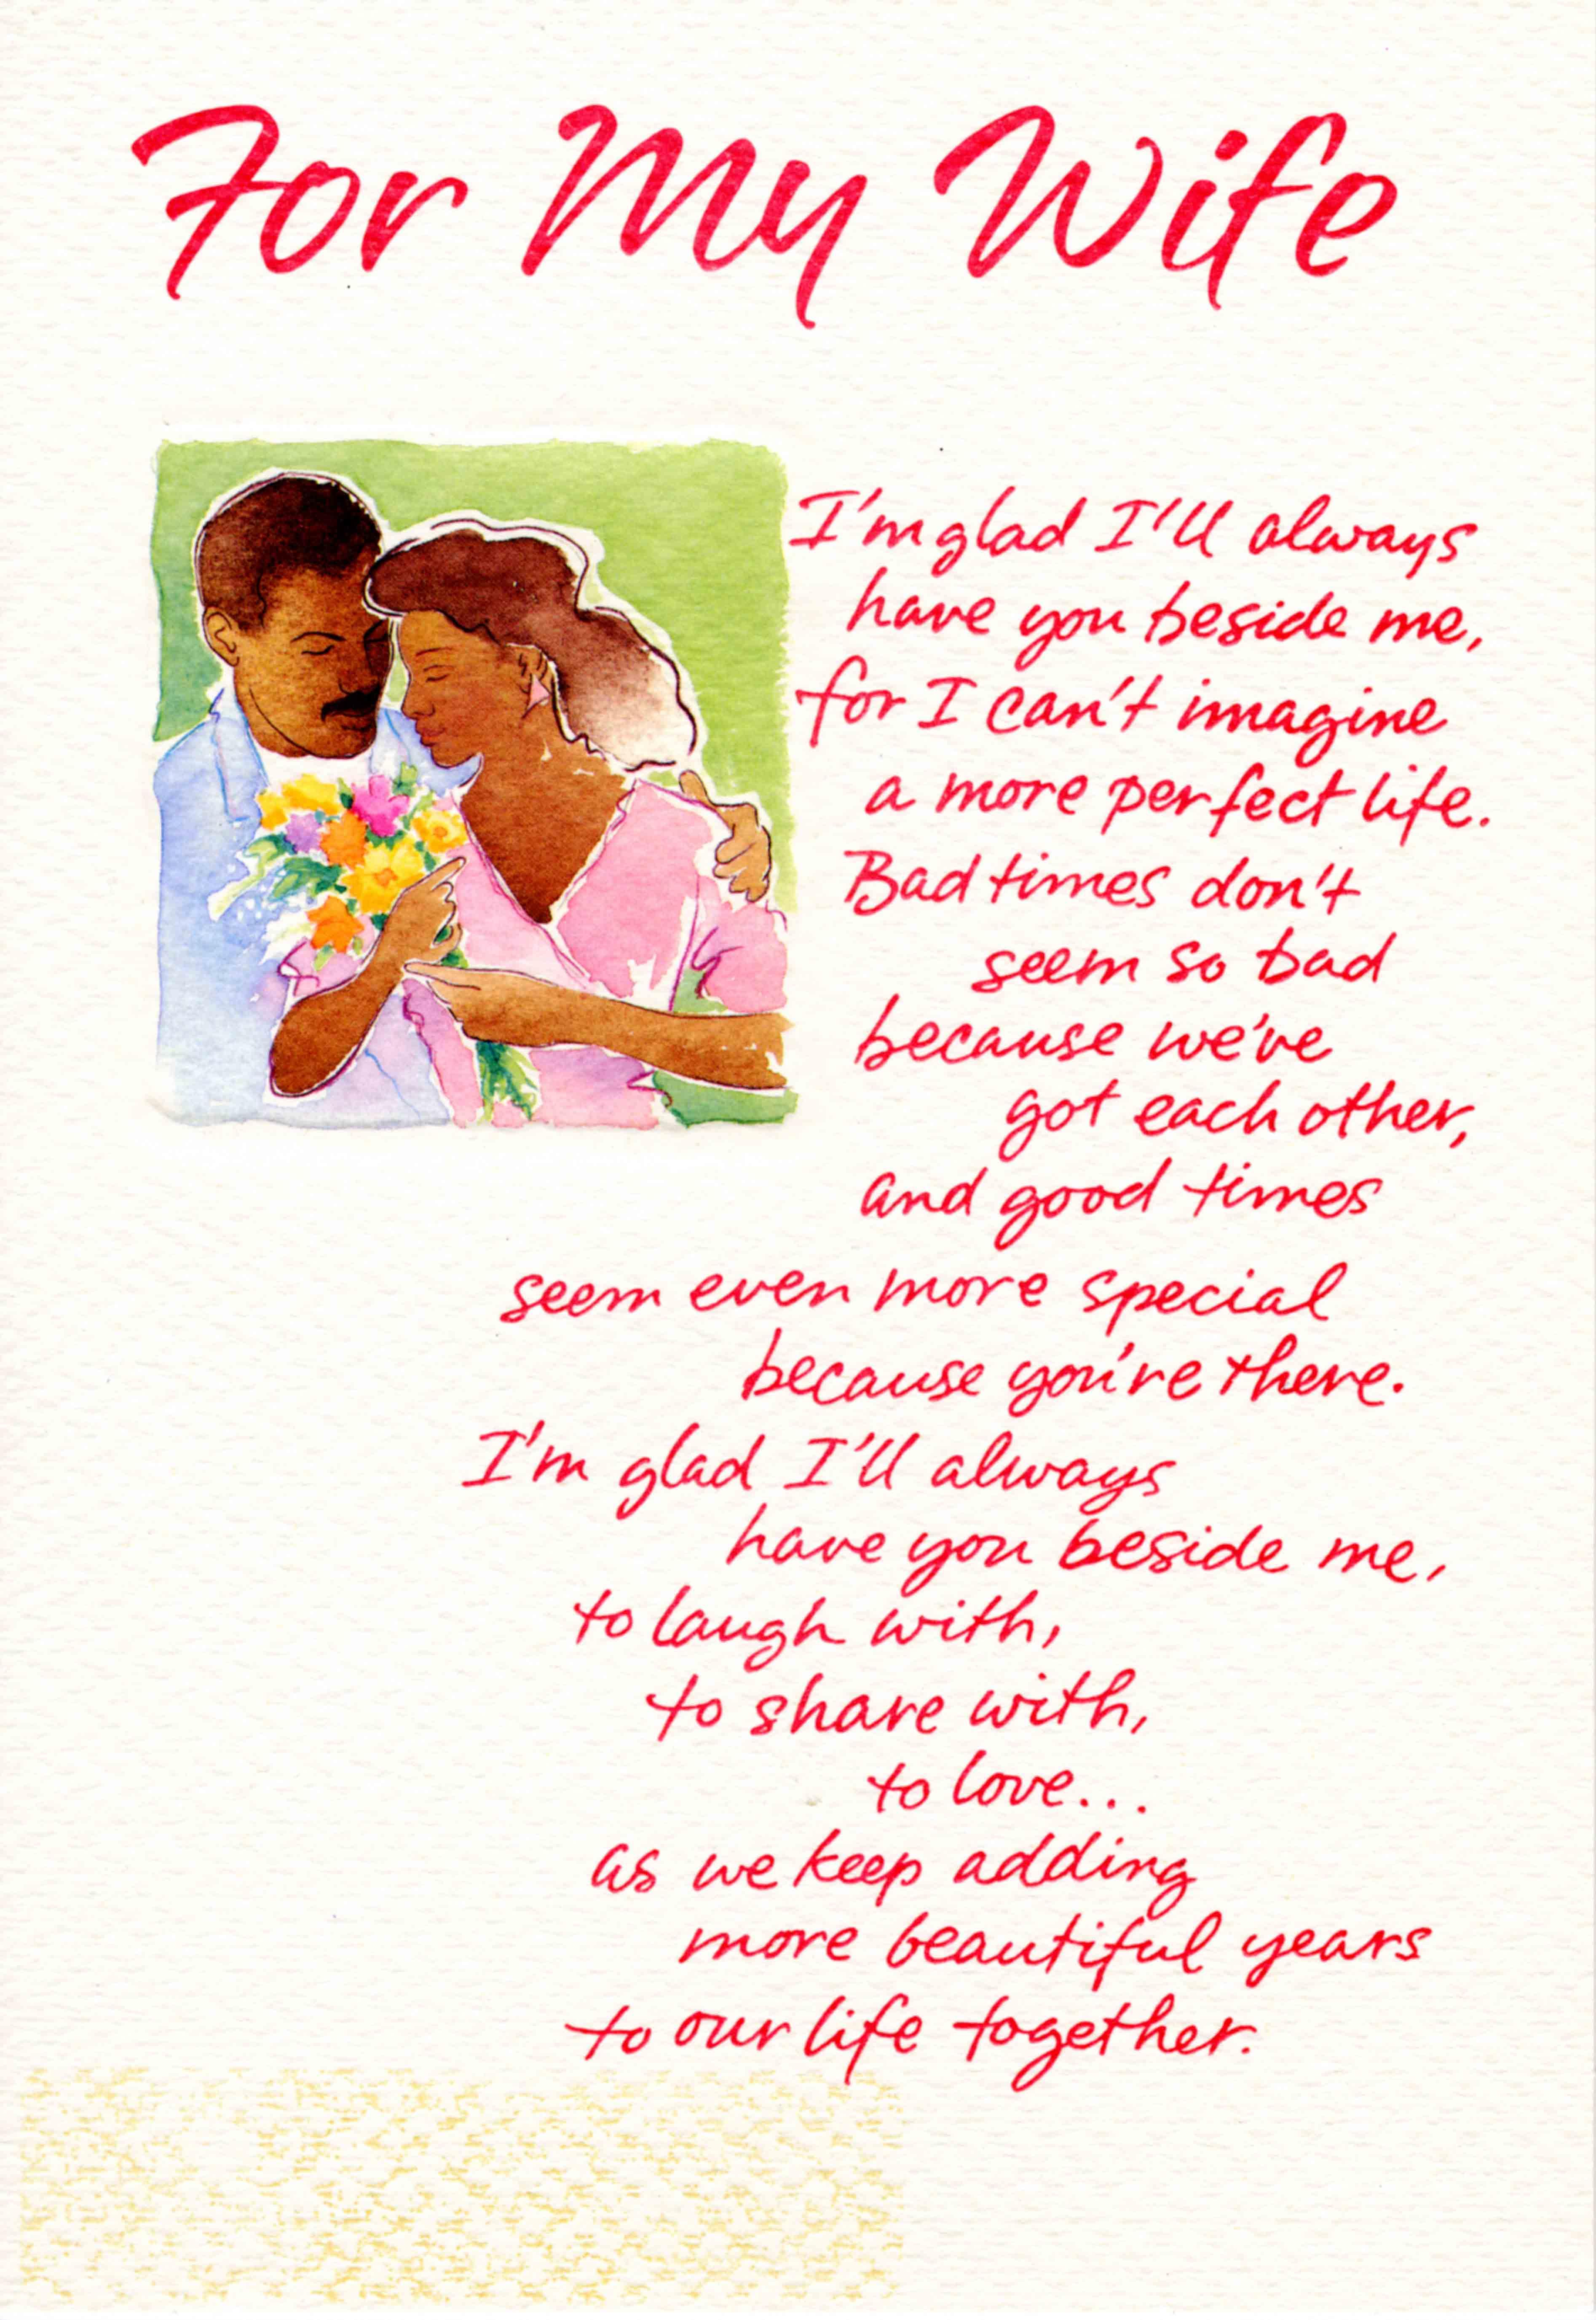 1989 Valentine's Day Card